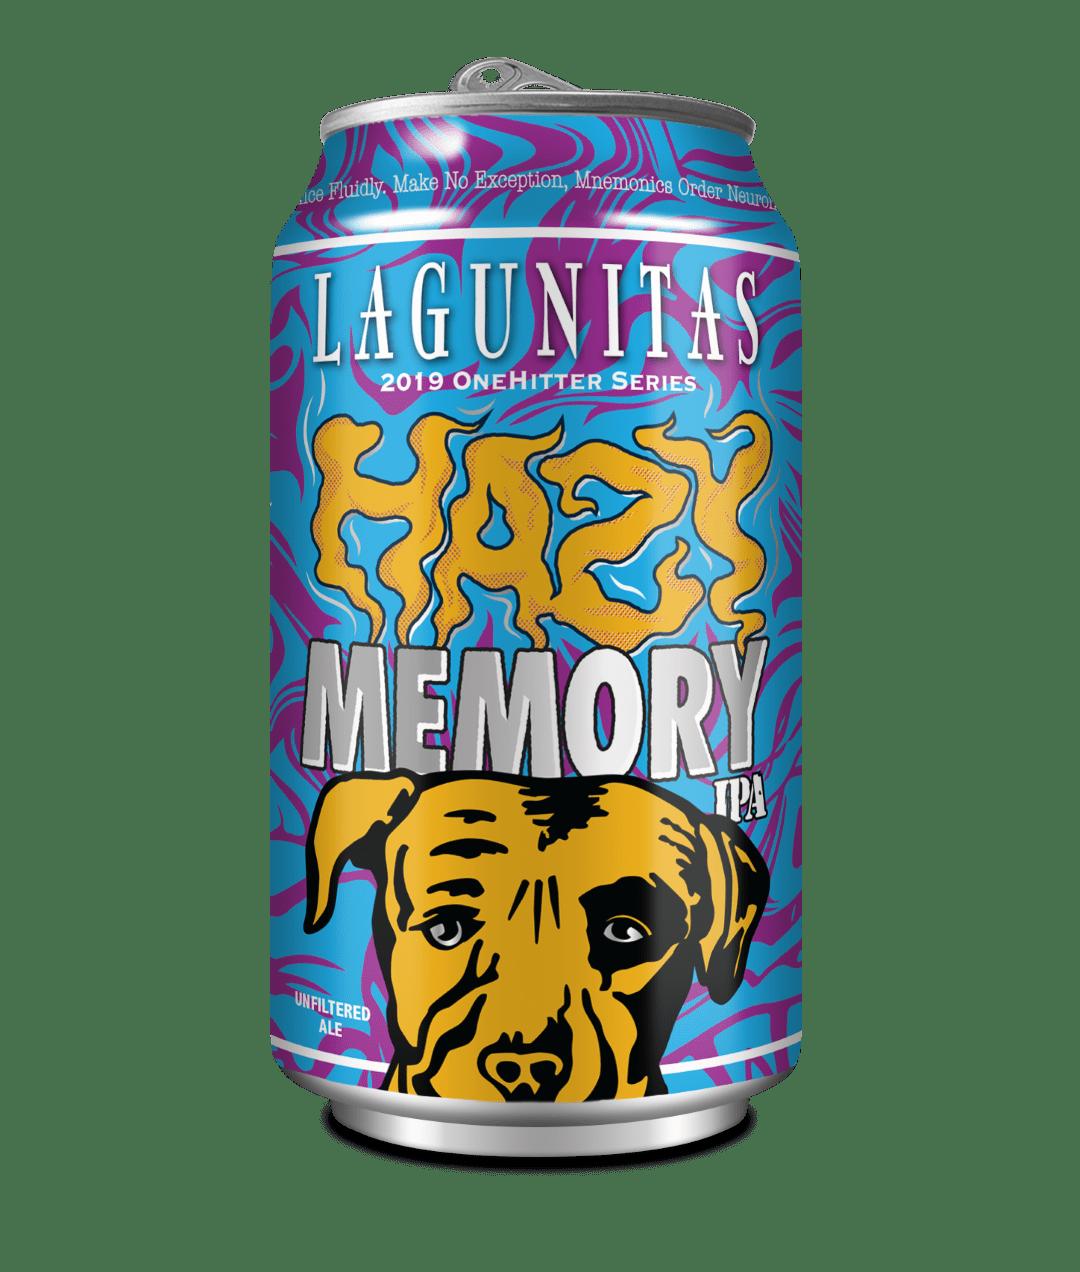 Lagunitas Hazy Memory IPA